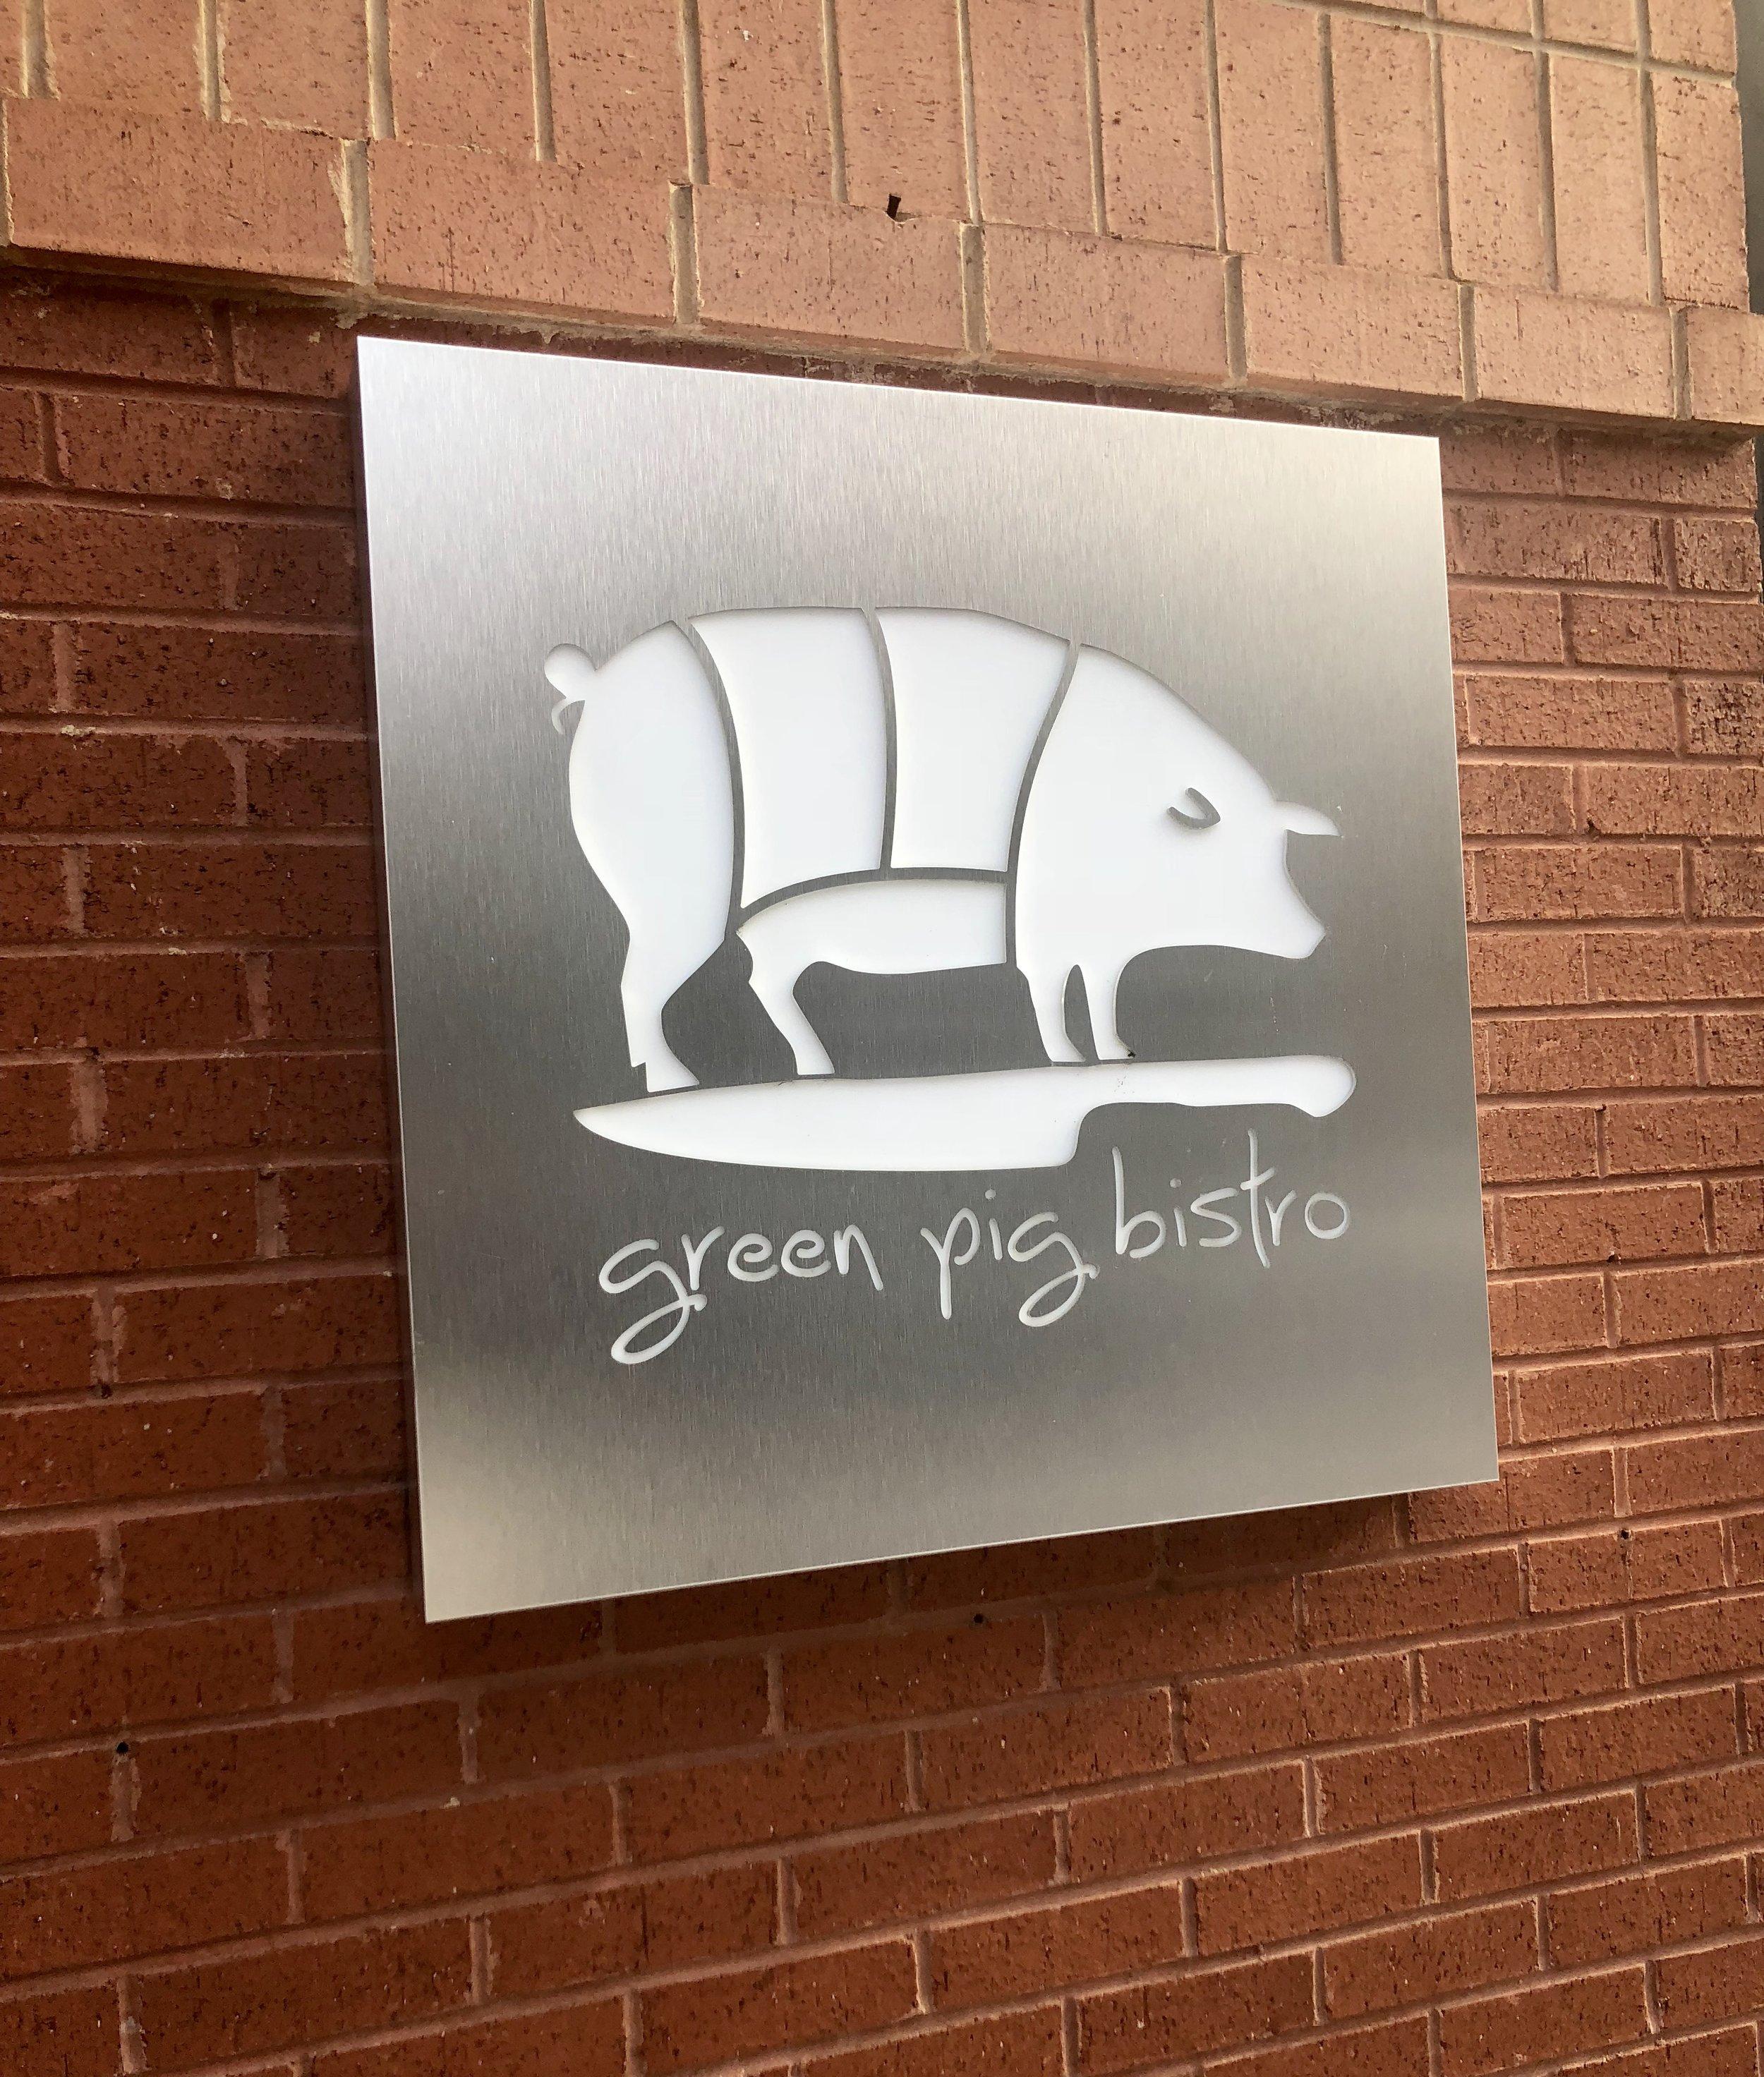 Green Pig Bistro KennedysSide.com